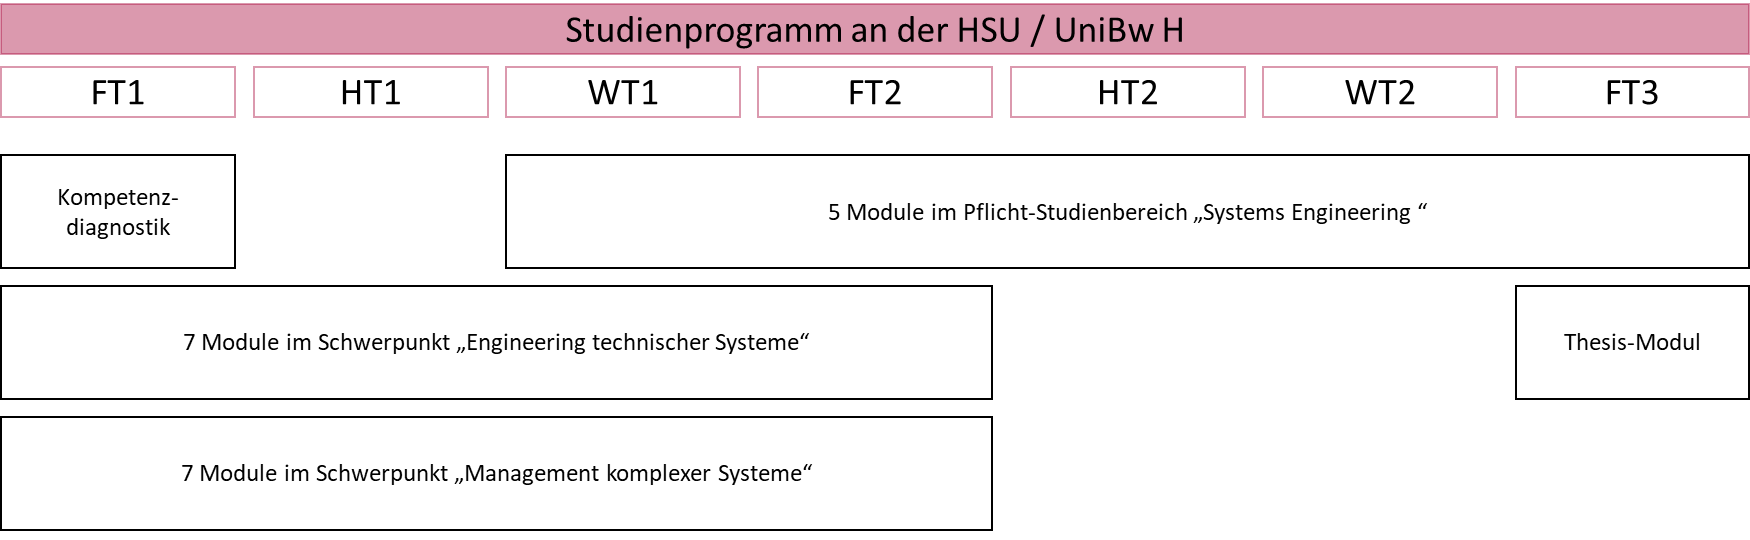 Zentrum für wissenschaftliche Weiterbildung (ZWW) der Helmut-Schmidt Universität / Universität der Bundeswehr Hamburg (HSU / UniBw H), Weiterbildung Master-Studiengang Projektingenieurwesen (ProIng)